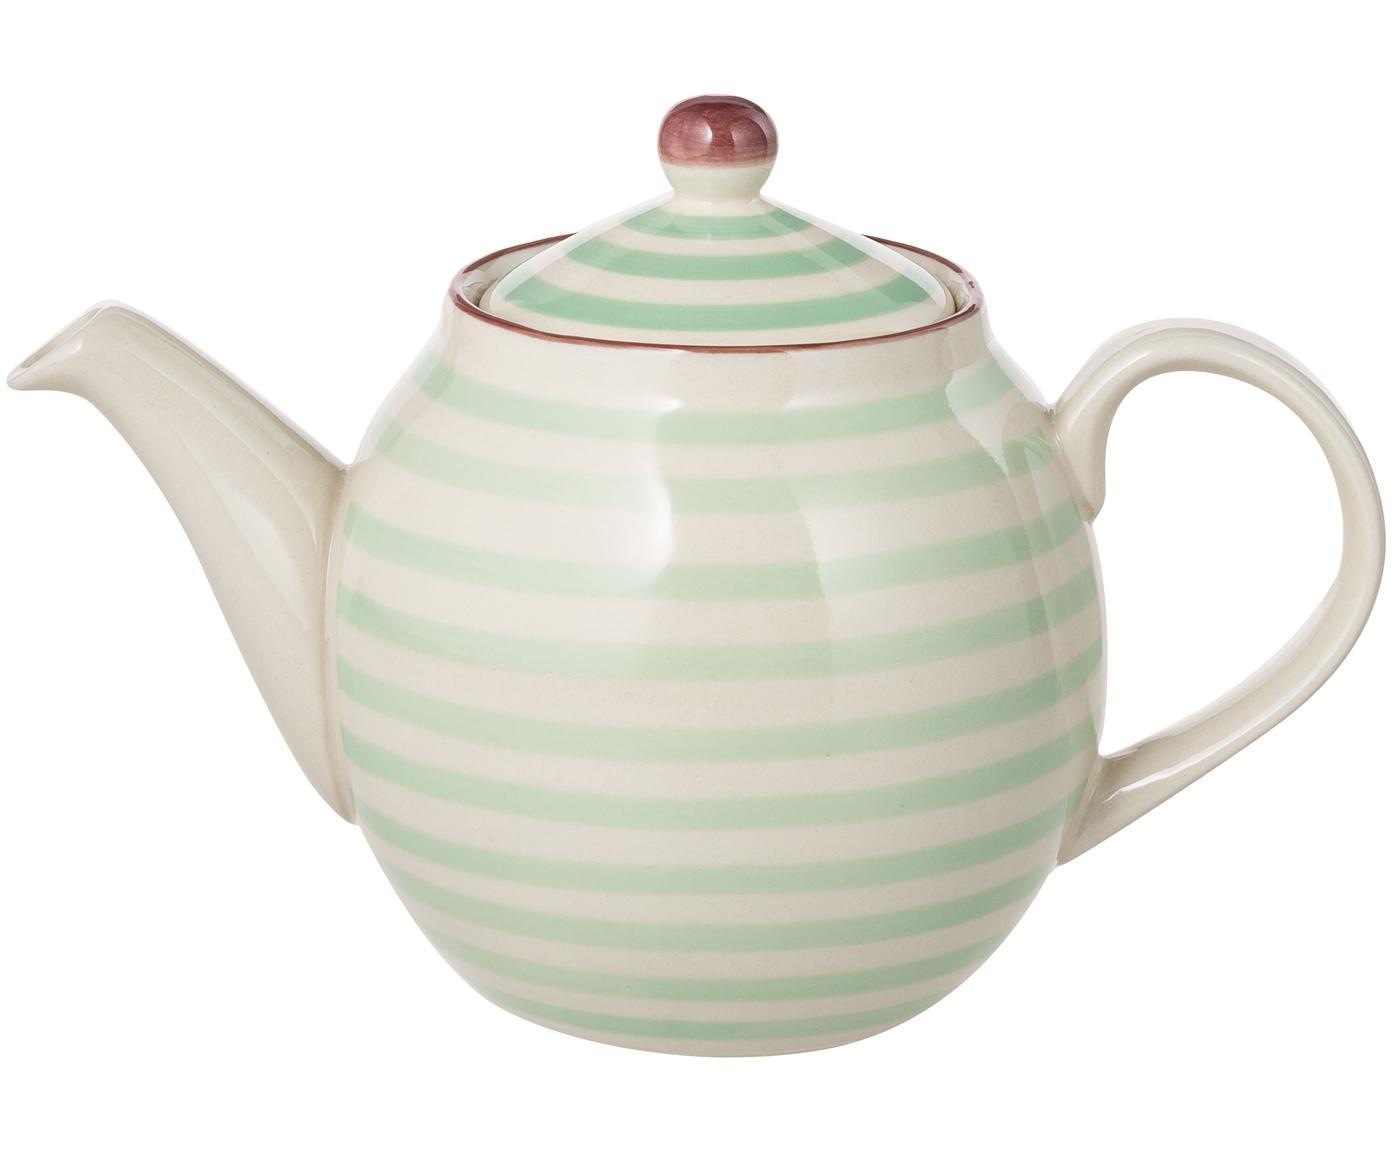 Handbemalte Teekanne Patrizia mit kleinem Muster, Steingut, Außen: Grün, Creme, Violett<br>Innen: Creme, 1.2 L